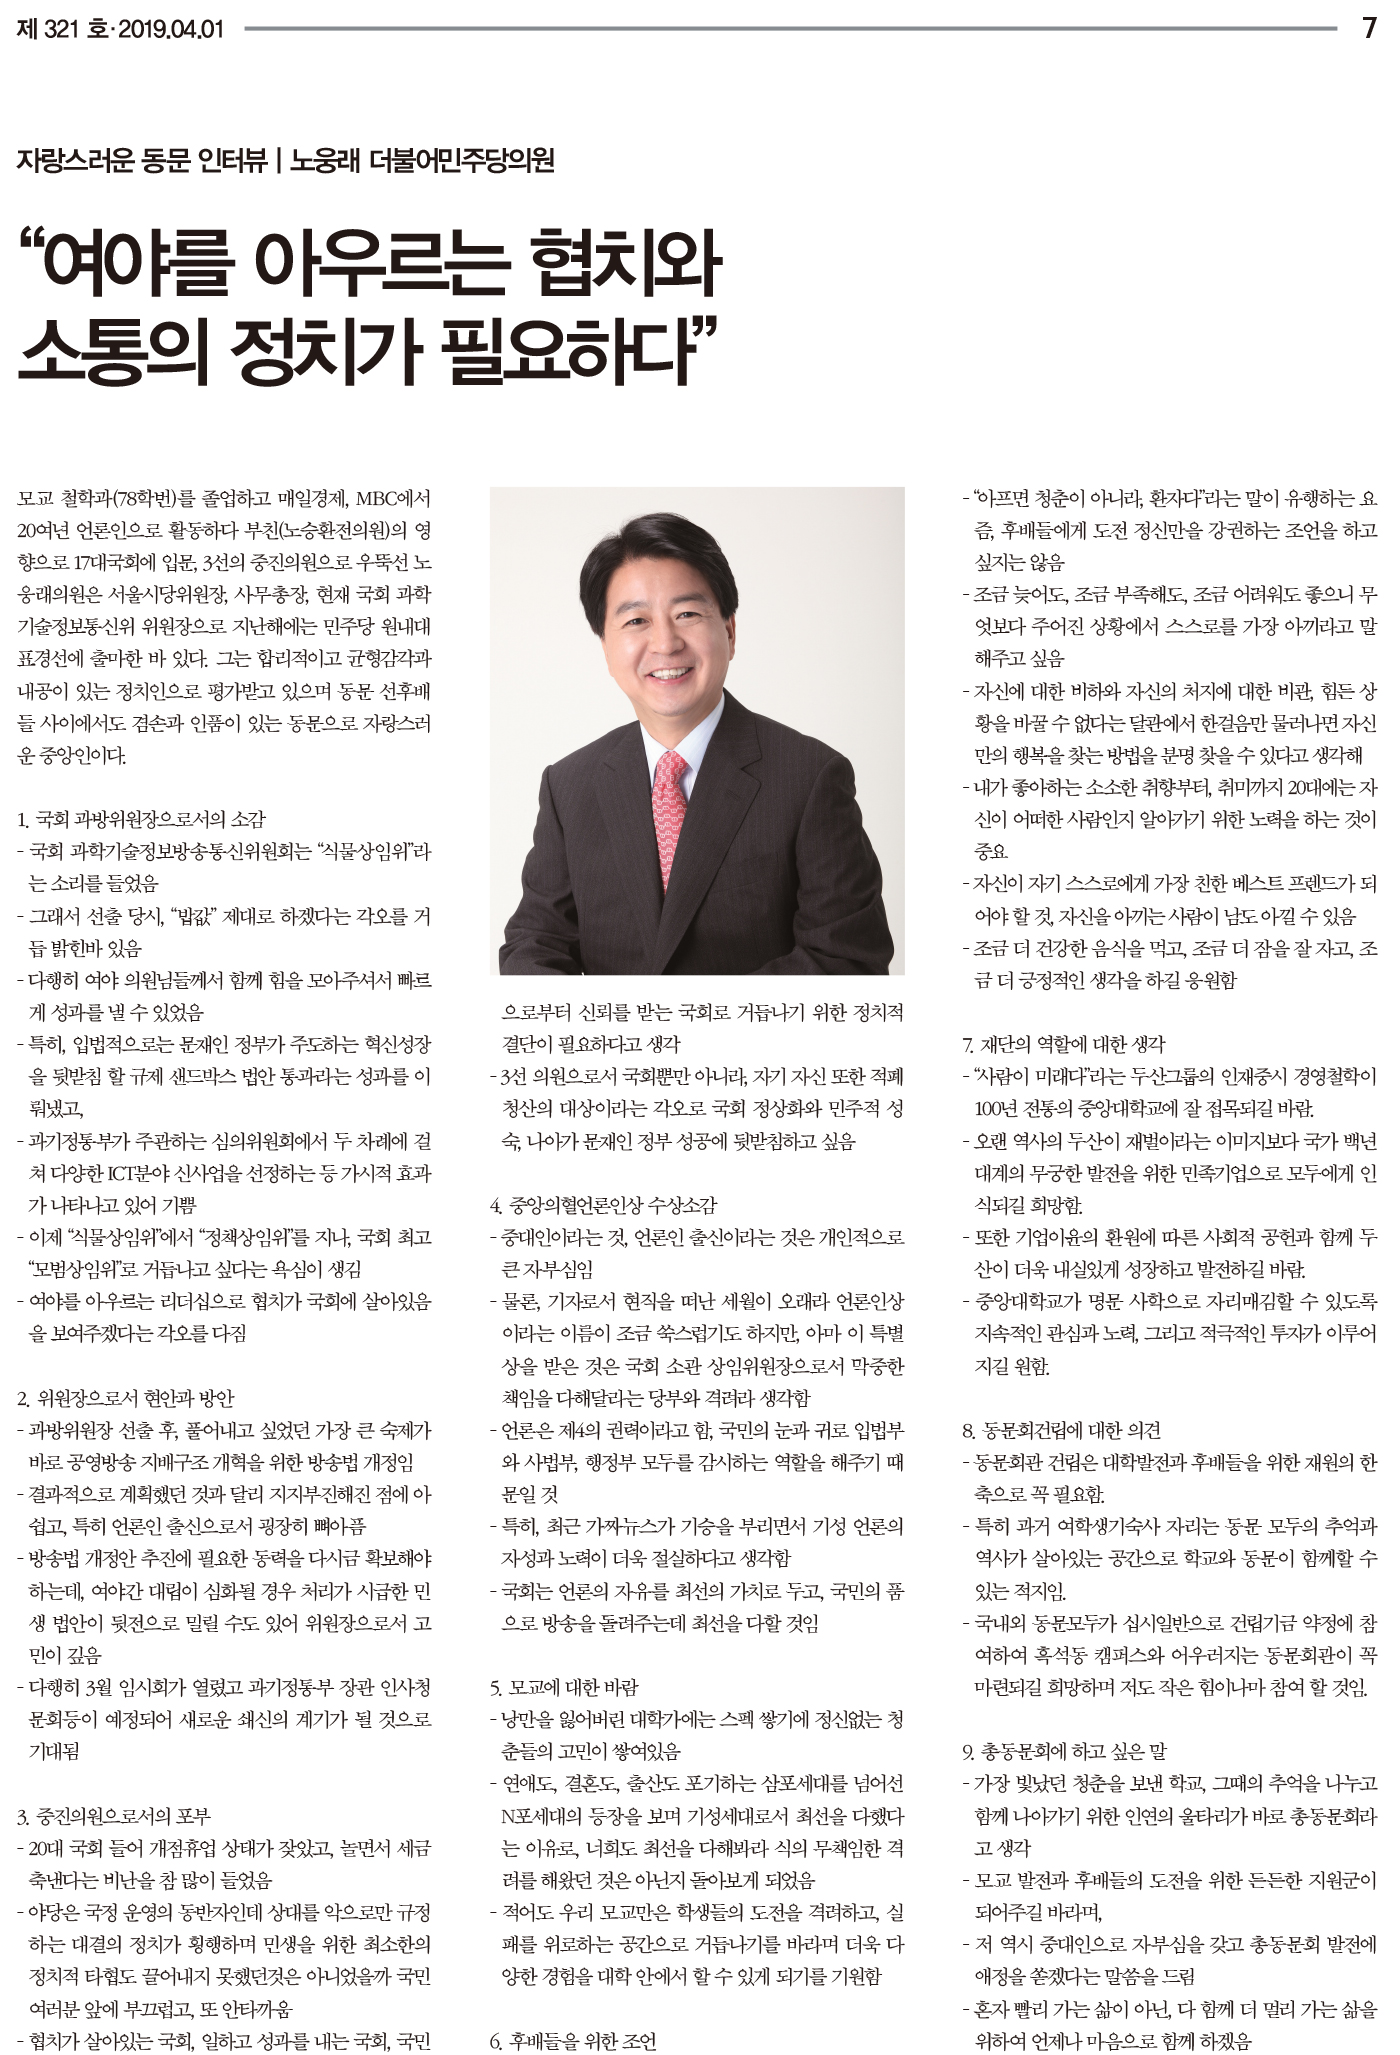 중앙대학교_동문회보_321호-7.jpg